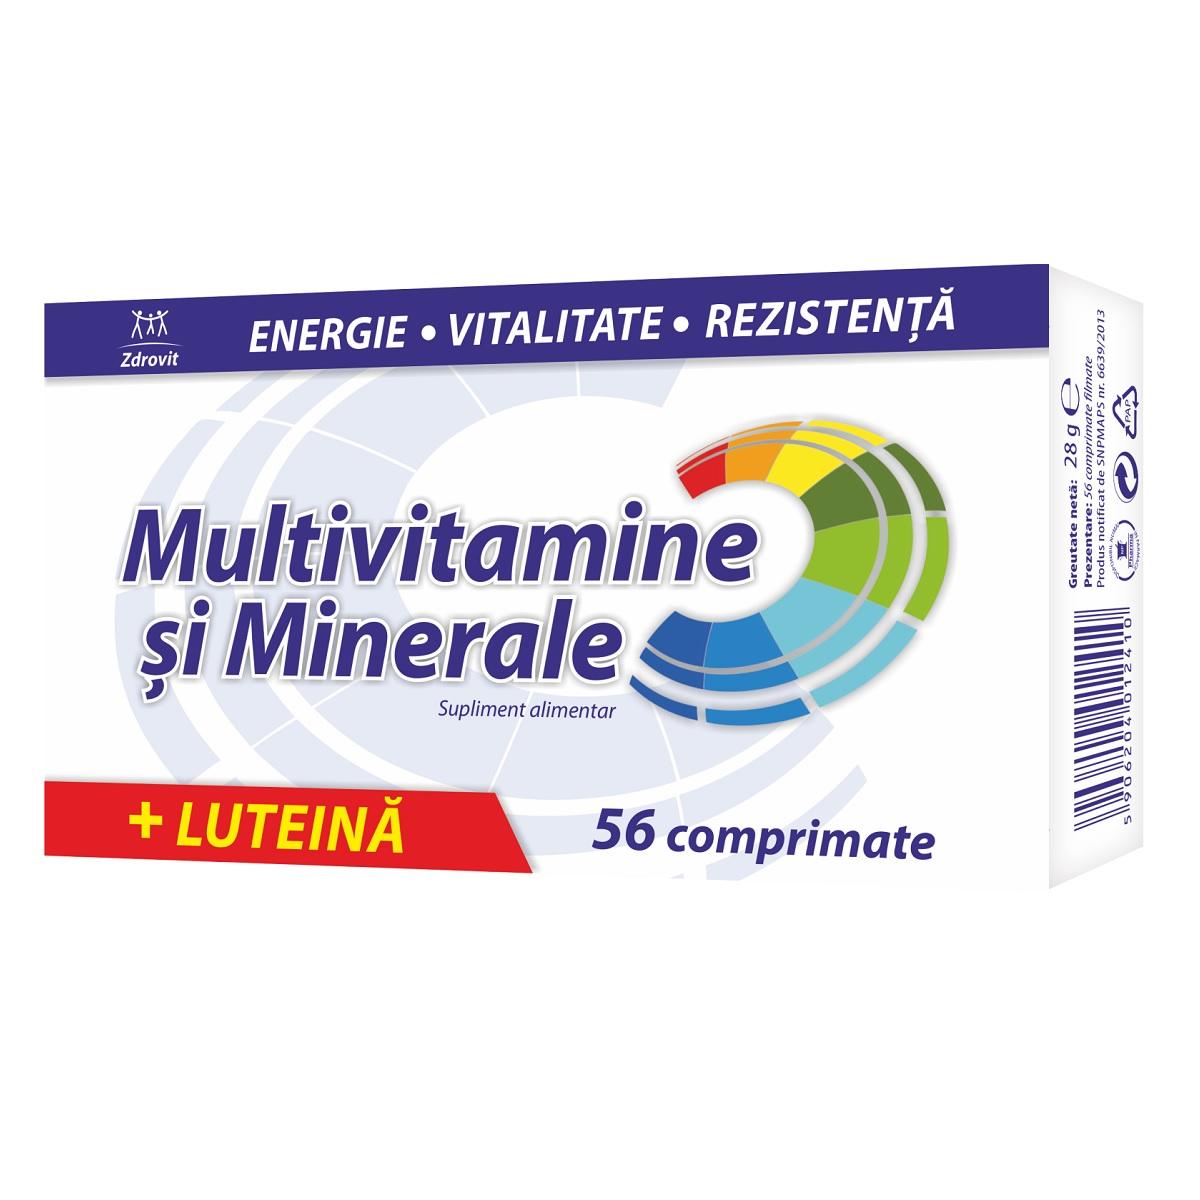 Multivitamine si minerale + Luteina, 56 comprimate Zdrovit la preț mic imagine